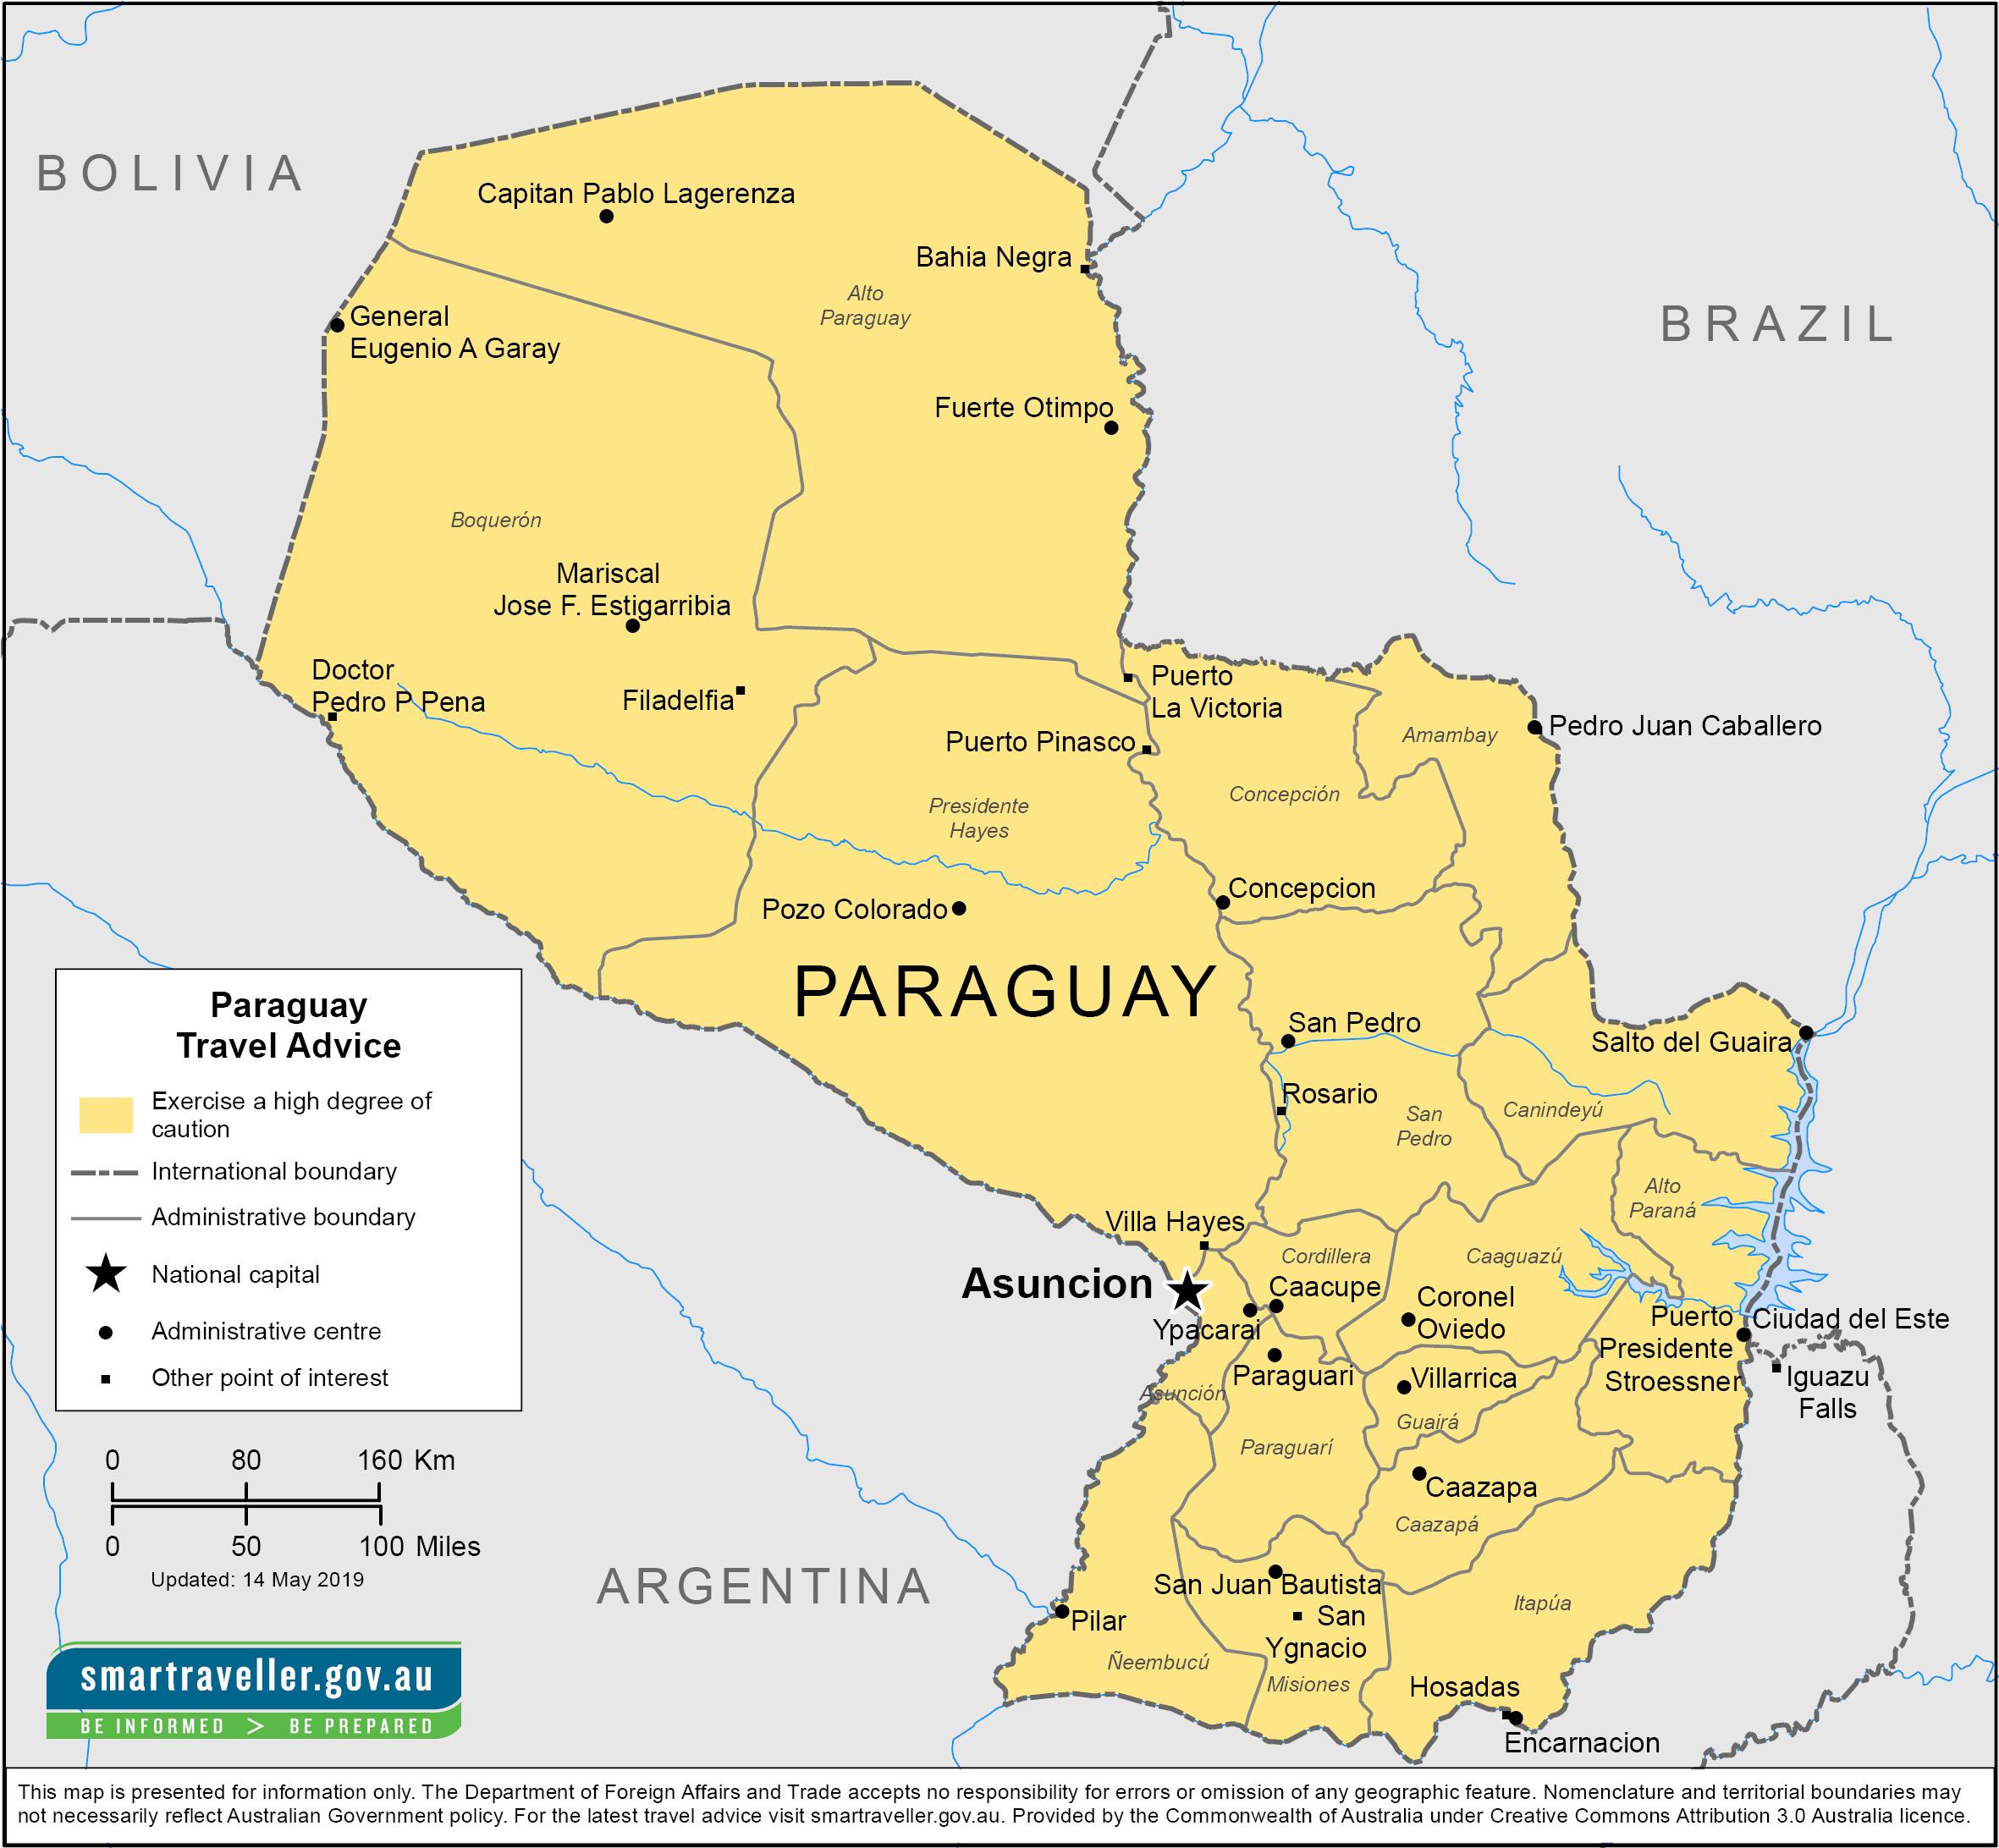 Paraguay-Travel-Insurance | AardvarkCompare.com